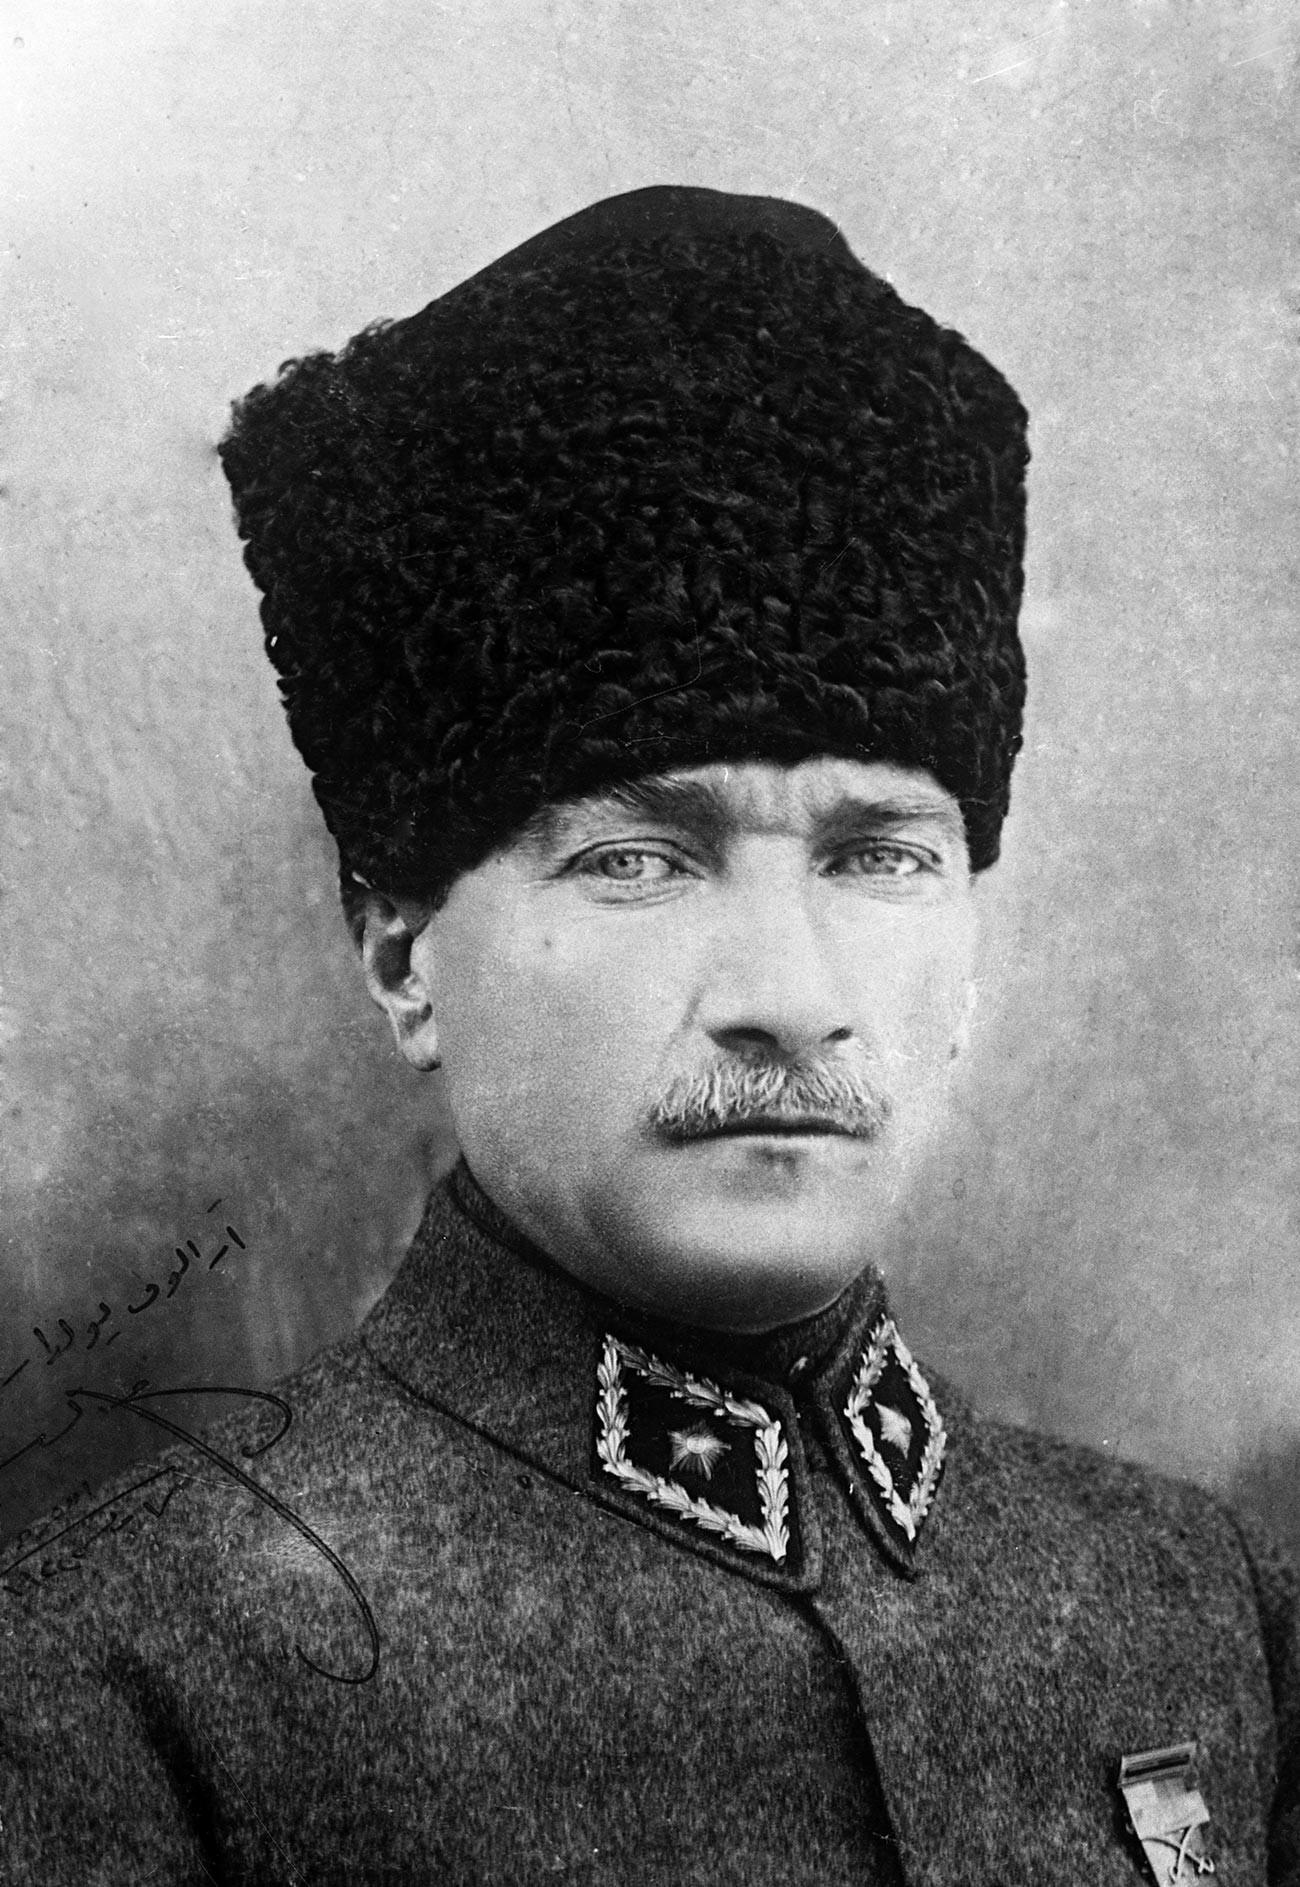 Retrato de Atatürk